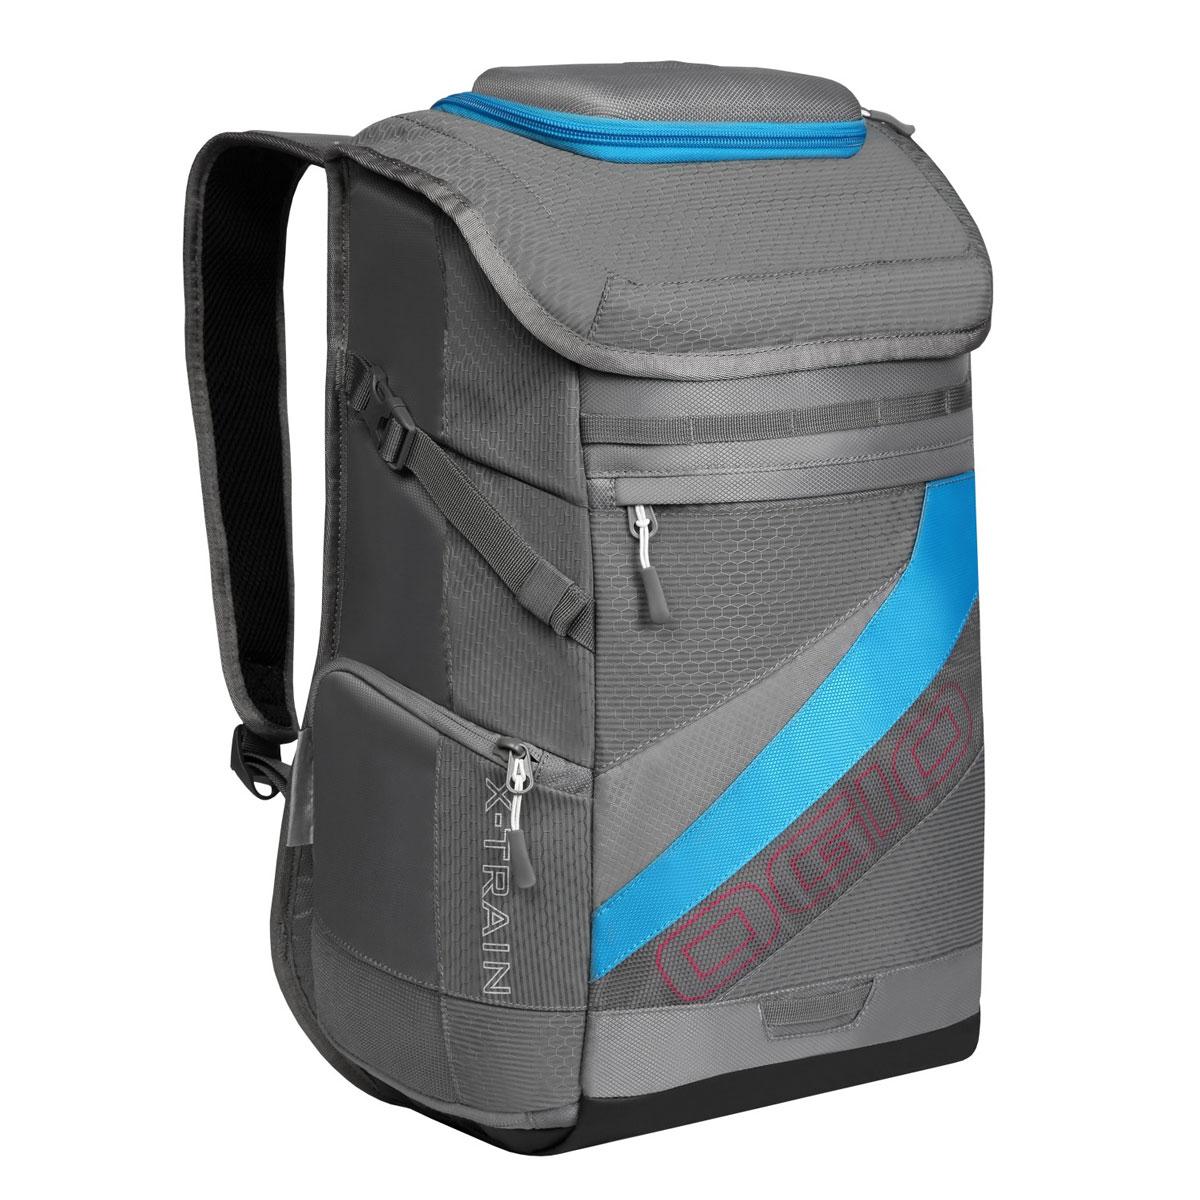 Рюкзак спортивный OGIO X-Train, цвет: серый, голубой. 112039.376112039.376Спортивный рюкзак OGIO X-Train - это отличный помощник в вашей жизни. Он отлично подойдет для занятия спортом, фитнессом, туризмом, и для повседневной носки. Особенности: Удароустойчивый армированный карман. Отстегиваемая внешняя лямка для крепления шлема. Боковые ремешки для крепления полотенец или ковриков. Специальный отдел для хранения сухой/мокрой одежды или обуви в режиме тренировки или для iPad в режиме обучения. Высокопрочные и легкие материалы. Перегородка отделяет основное отделение от отделения для мокрой/сухой одежды или обуви. Особое покрытие отделения для мокрой/сухой одежды или обуви облегчает чистку. Эргономичные, регулируемые плечевые лямки, подбитые мягким материалом. Устойчивая к трению брезентовая основа. Встроенный полноразмерный карман для бутылки. Регулируемый нагрудный ремень. Объем: 23 л. Материал: Кросс-добби 420D, гекс-рипстоп 210D.